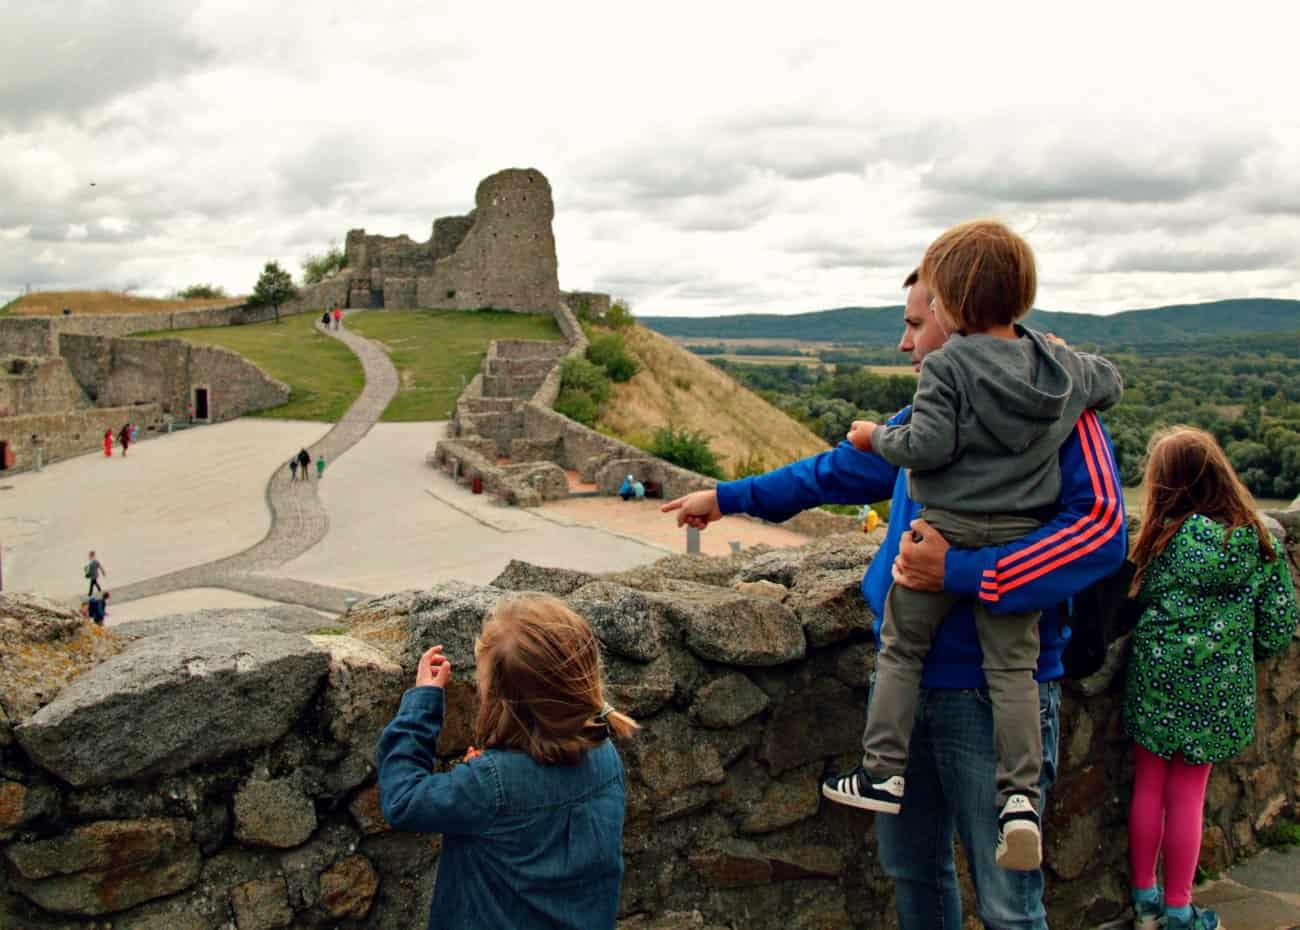 Zamek Devin - Bratyslawa z dzieckiem